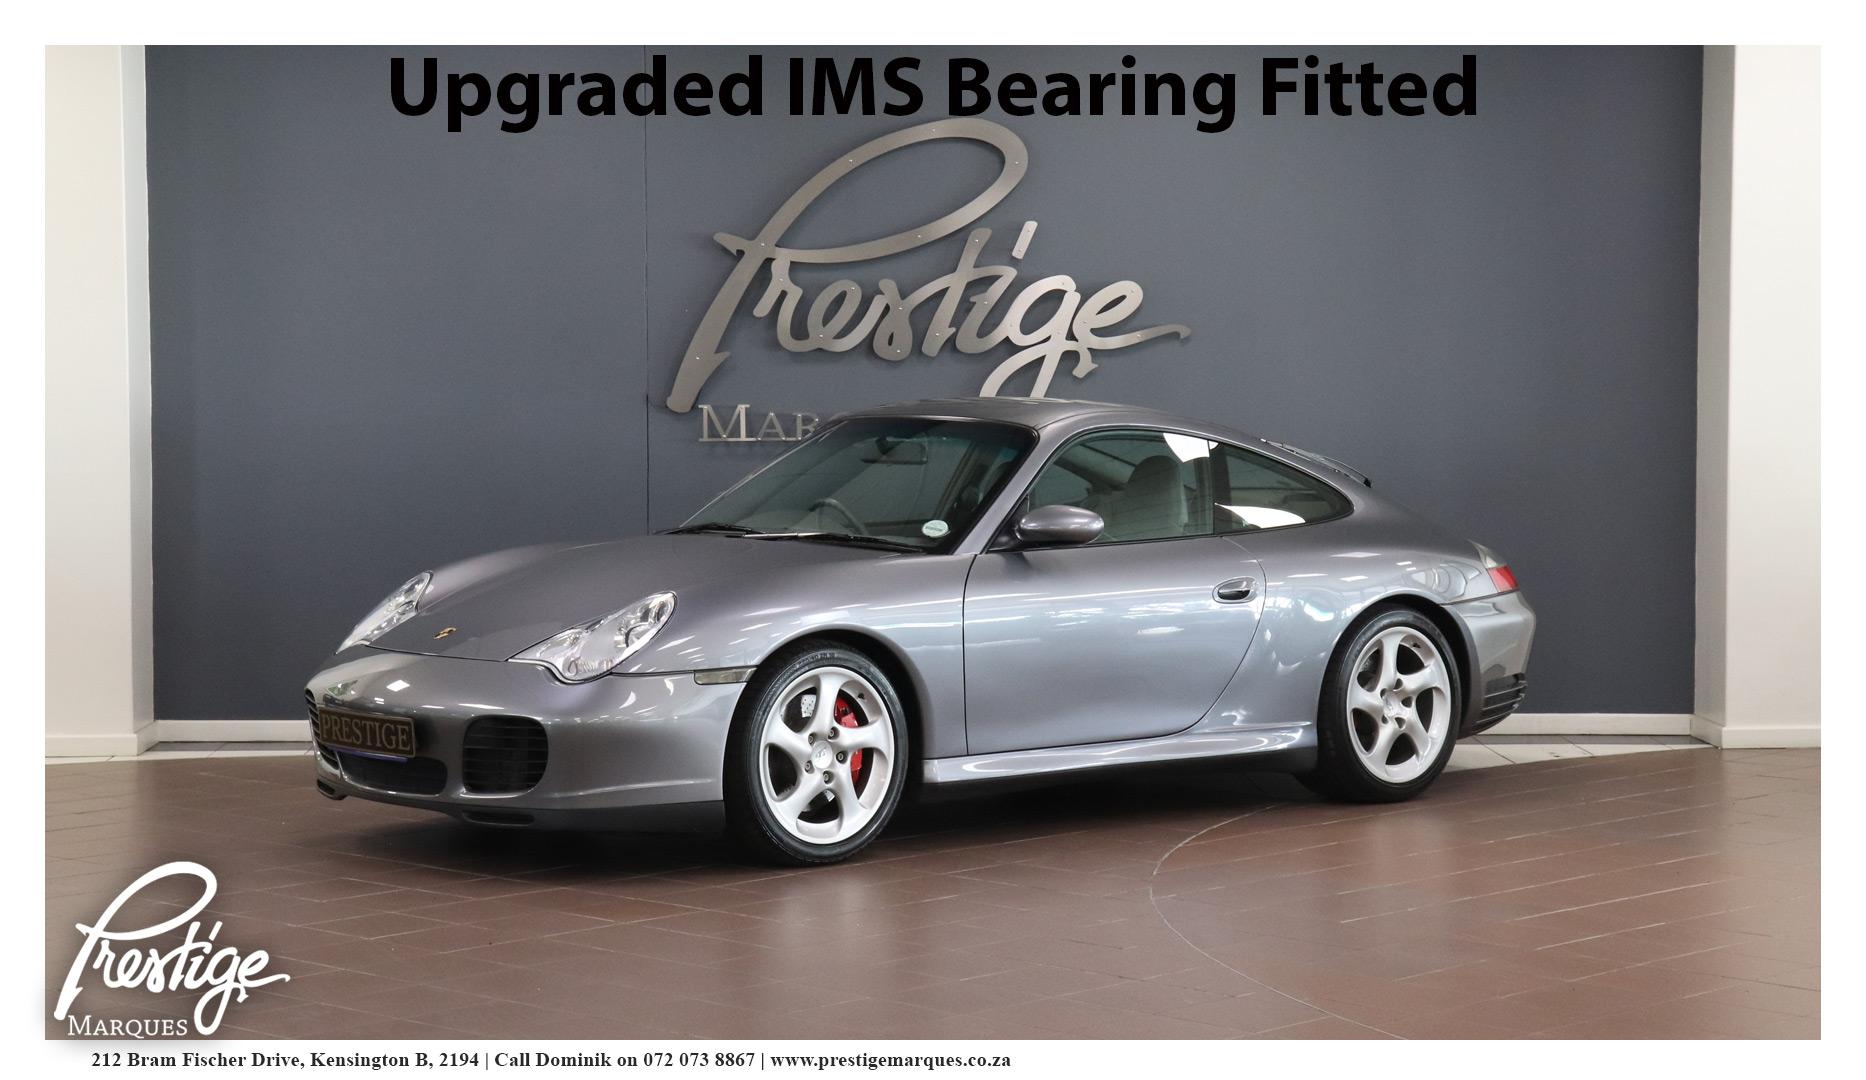 2005-Porsche-911-996-4s-Coupe-Manual-Prestige-Marques-Randburg-Sandton-8